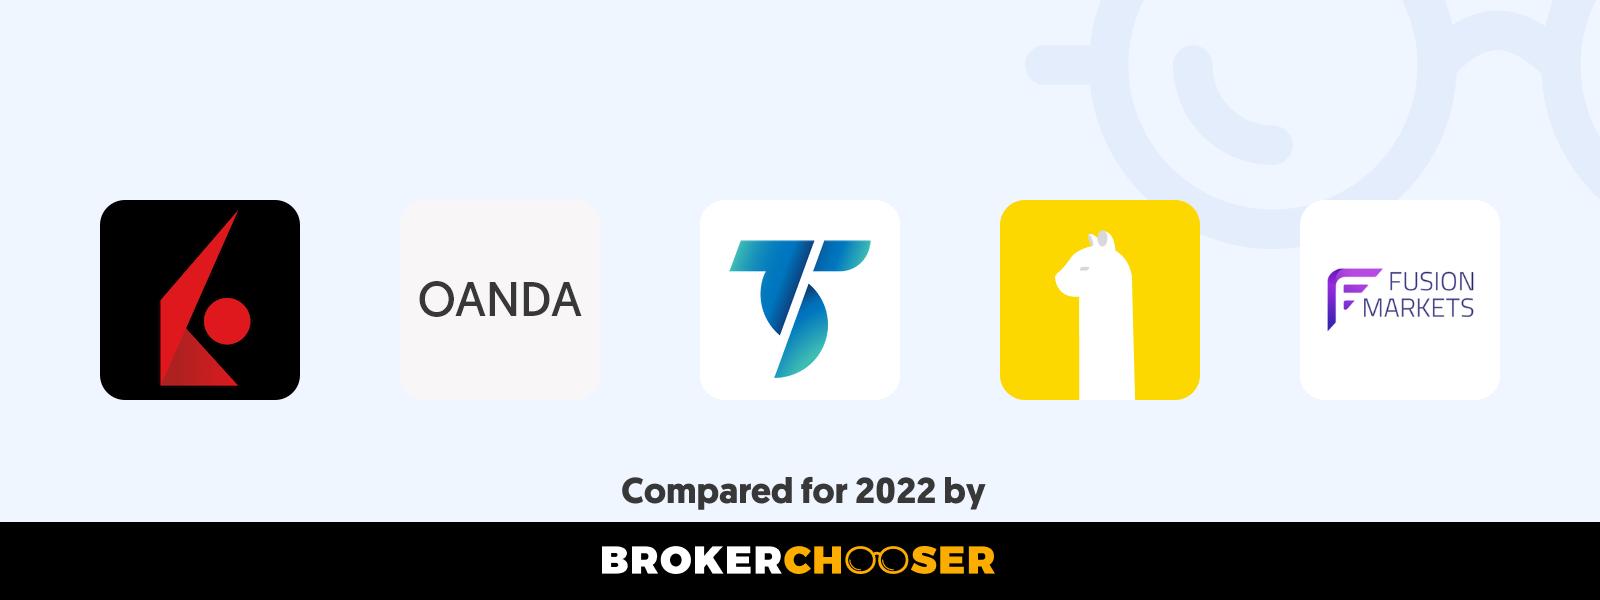 Best international online brokers for citizens in the U.S. Virgin Islands